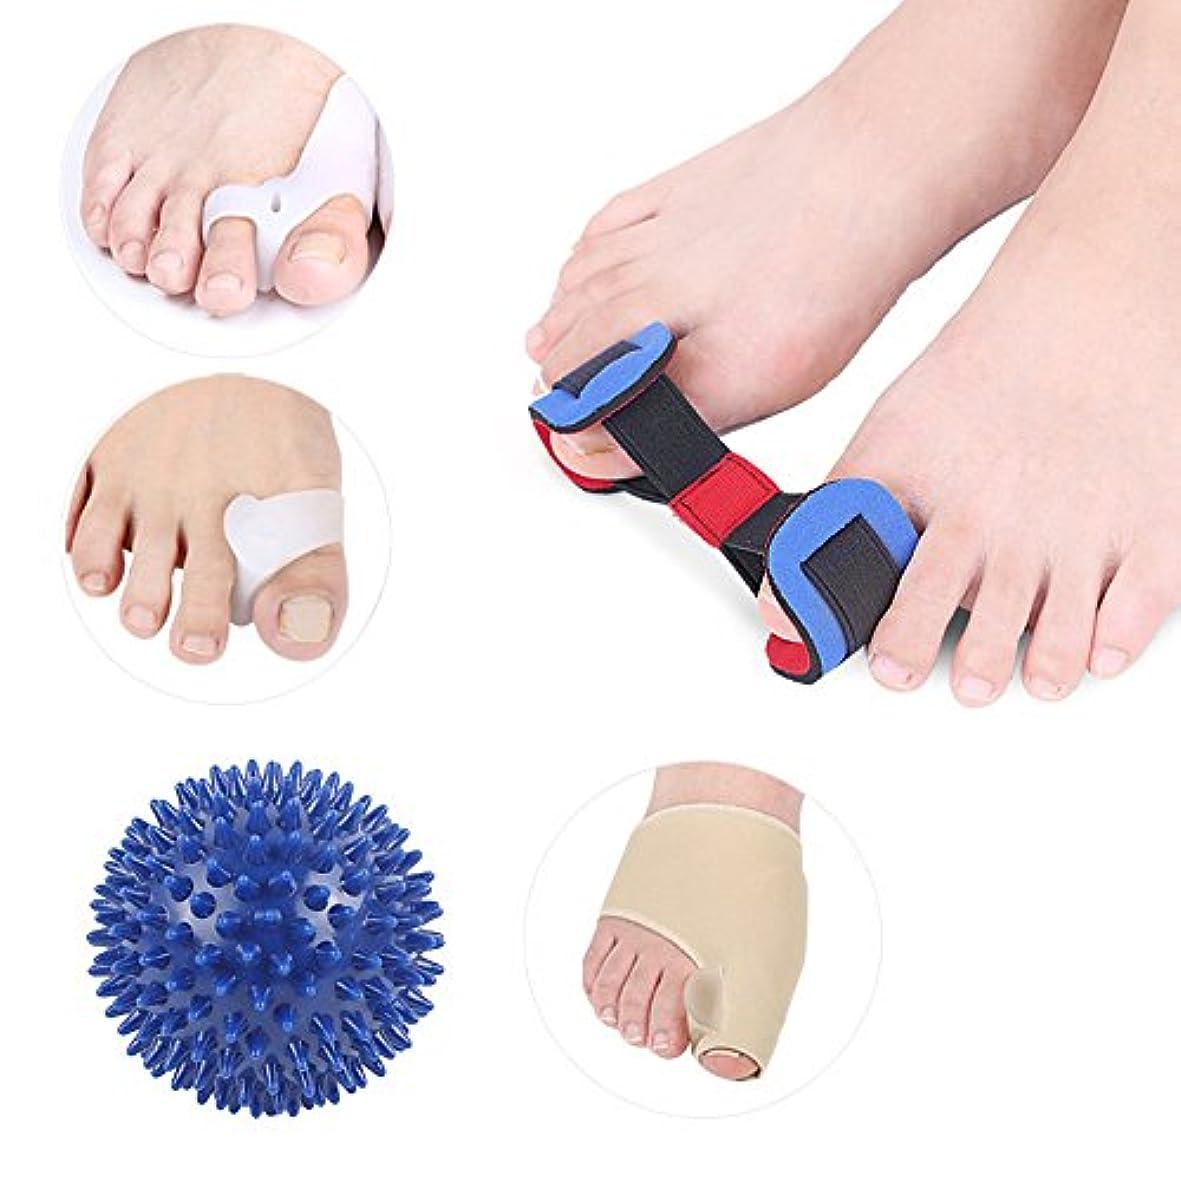 中央車両マーケティング癒合矯正具、足の親指矯正Hallux外反夜、腱膜炎スプリント、足指セパレーター、腱膜リリーフプロテクタースリーブキット - 足関節の痛みの治療、スペーサ矯正補助手術